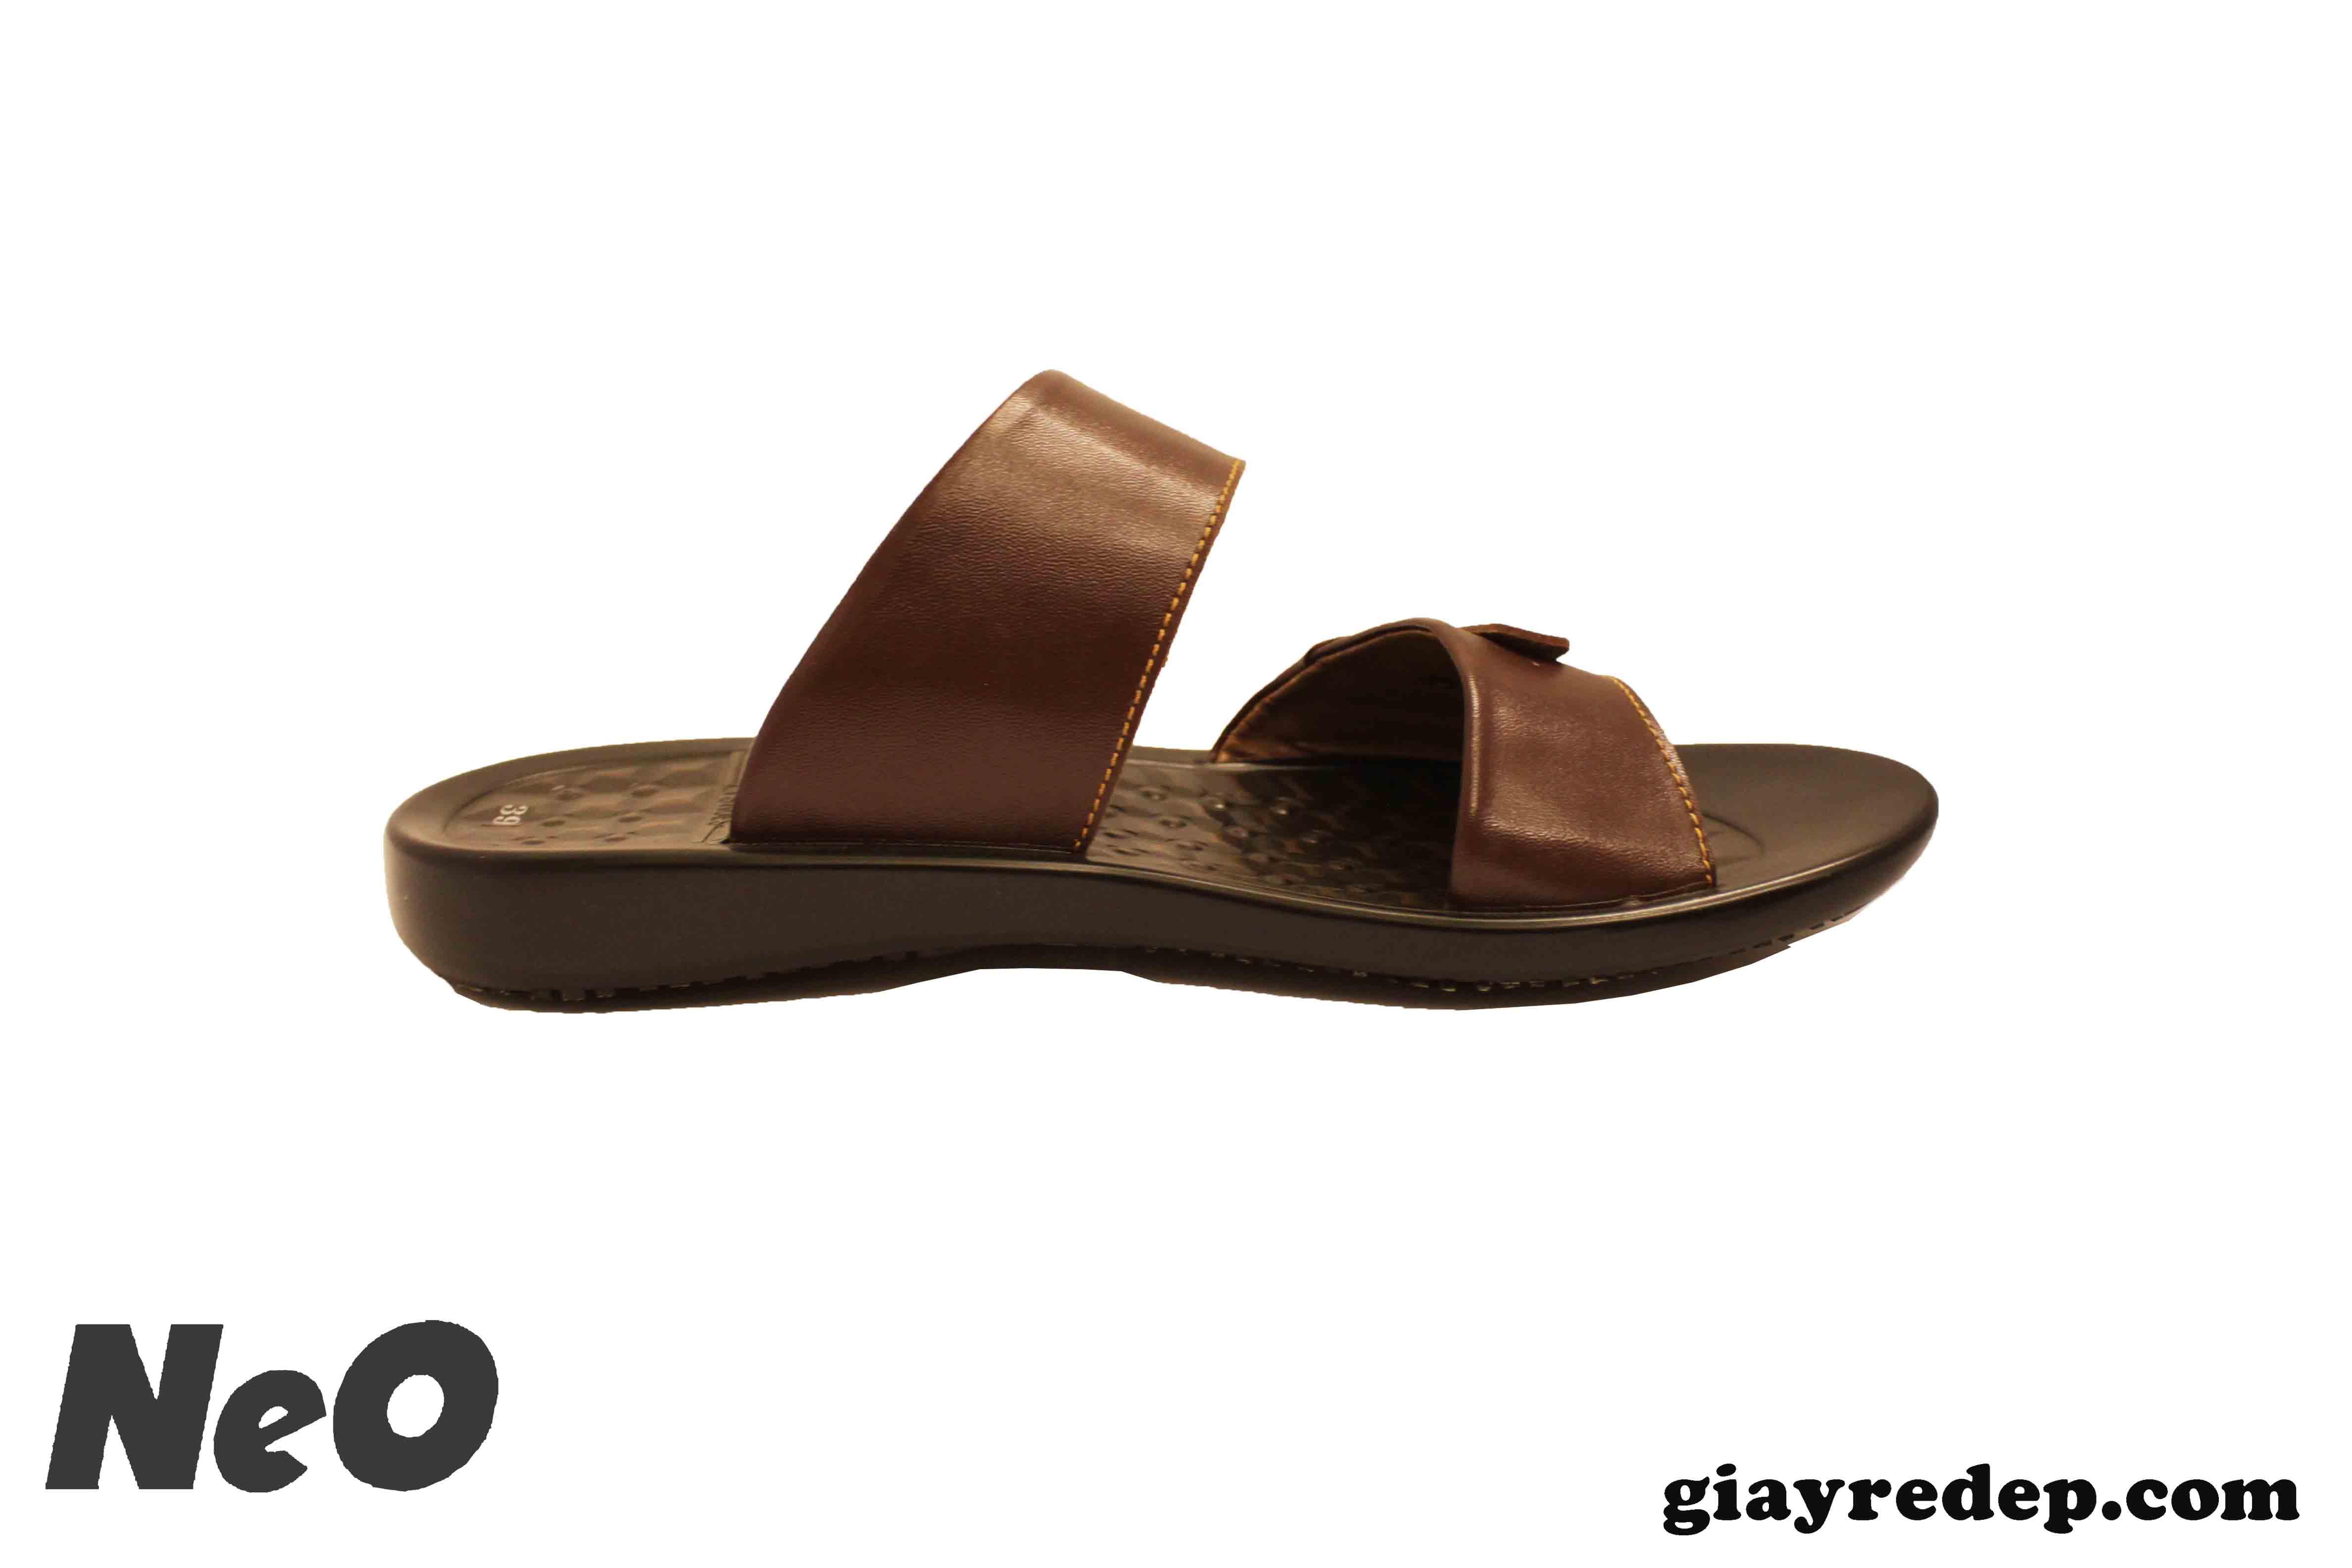 sandal da nam cuc chat